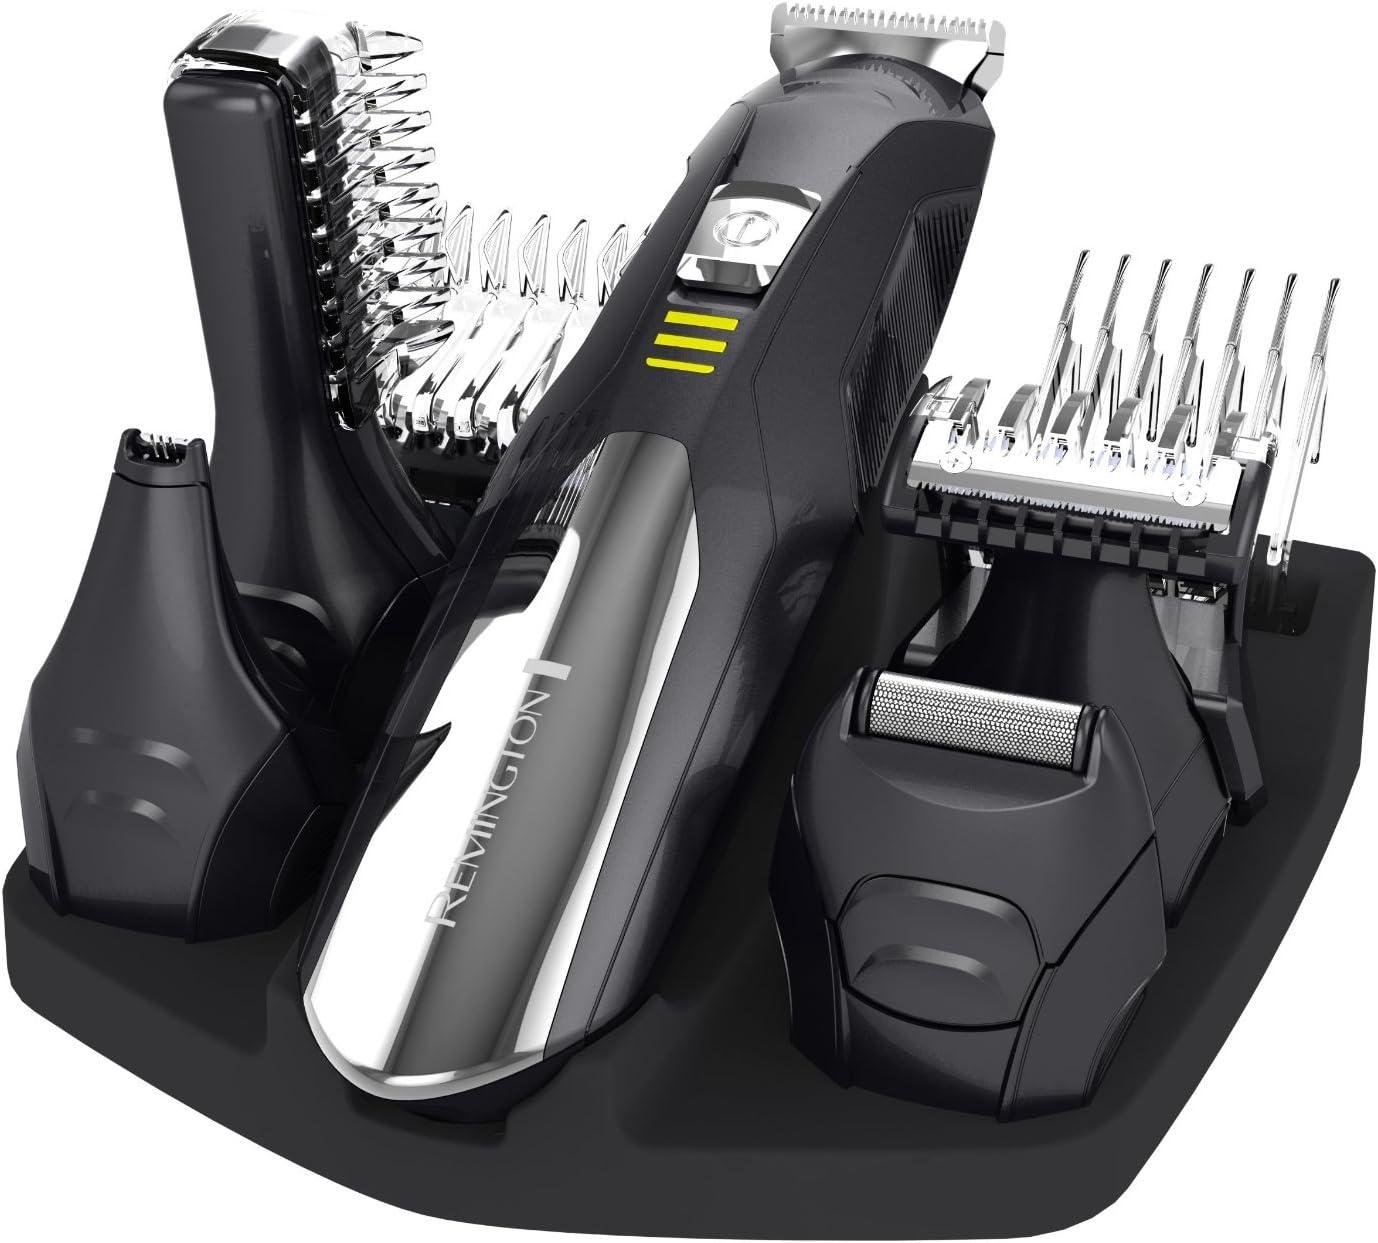 Remington Lithium Power - Kit multifunción 9 en 1, cuchillas de acero inoxidable, 4 peines, 5 cabezales: Amazon.es: Salud y cuidado personal